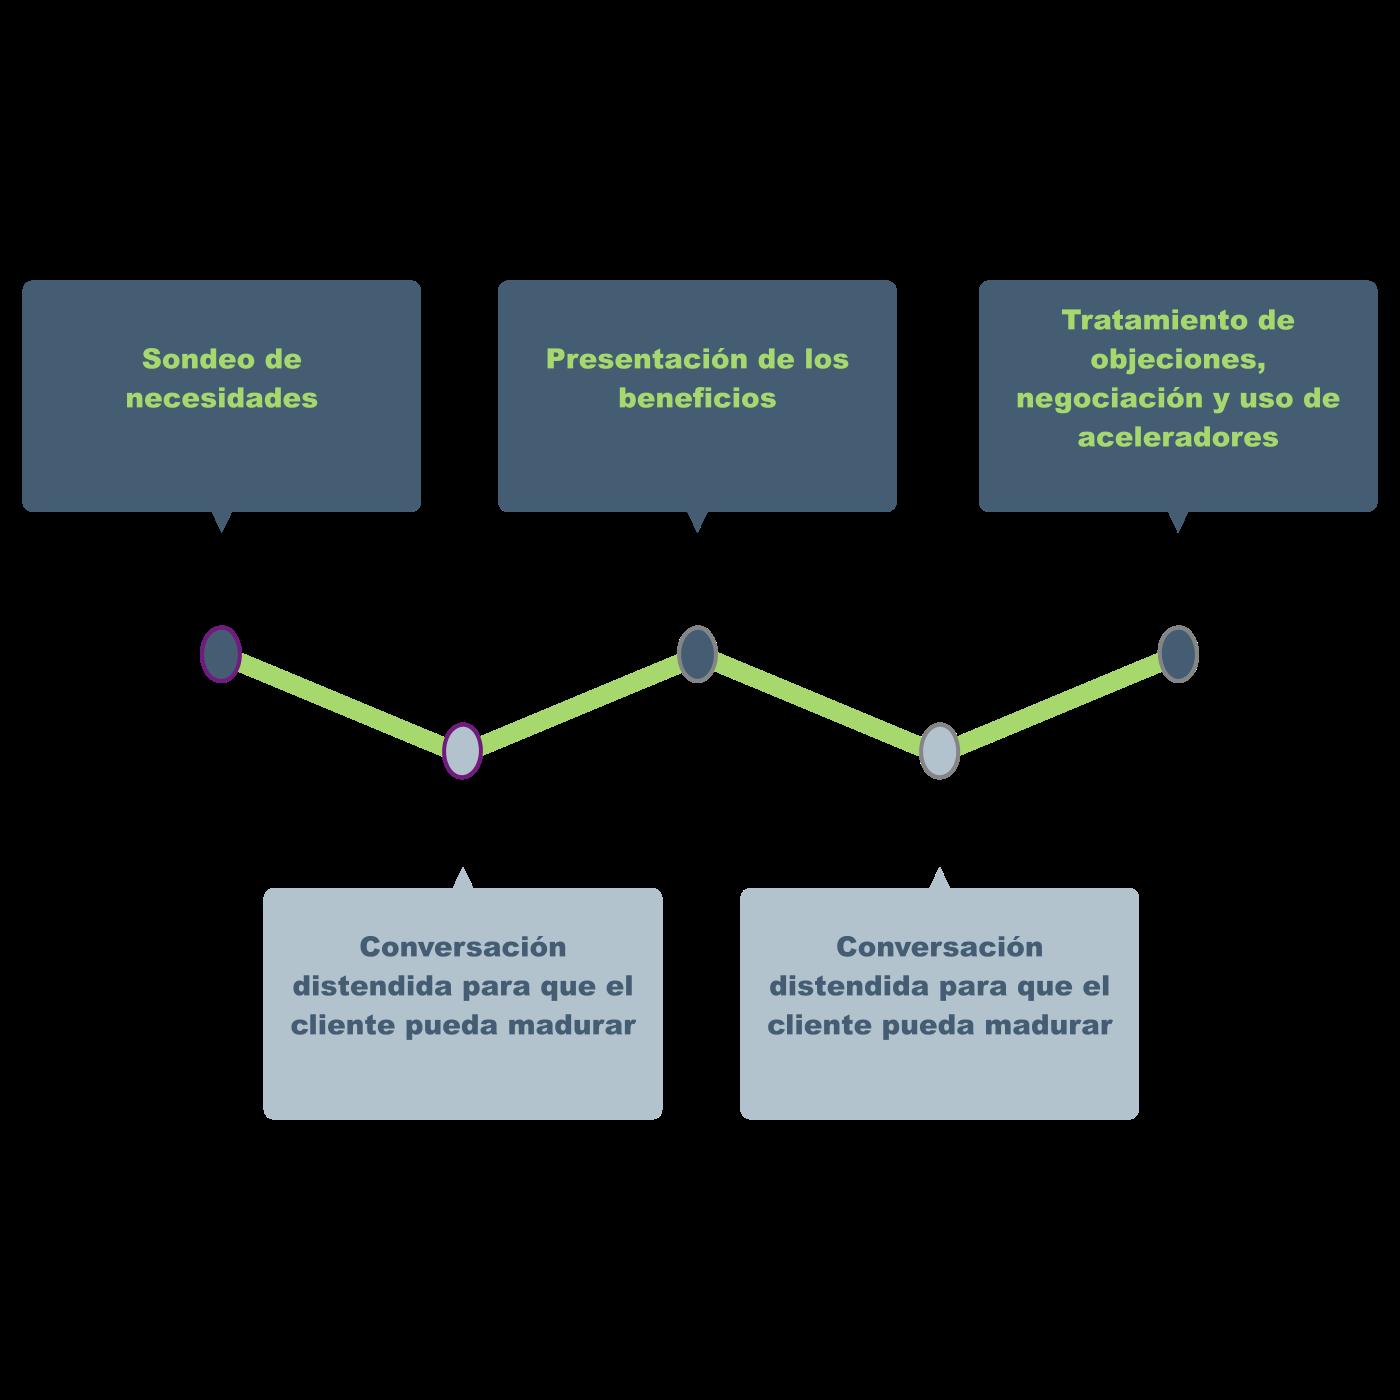 La maduración del cliente necesita tiempo. La maduración en modelos de contacto único requiere combinar momentos de venta con momentos distendidos en los que el cliente pueda pensar.